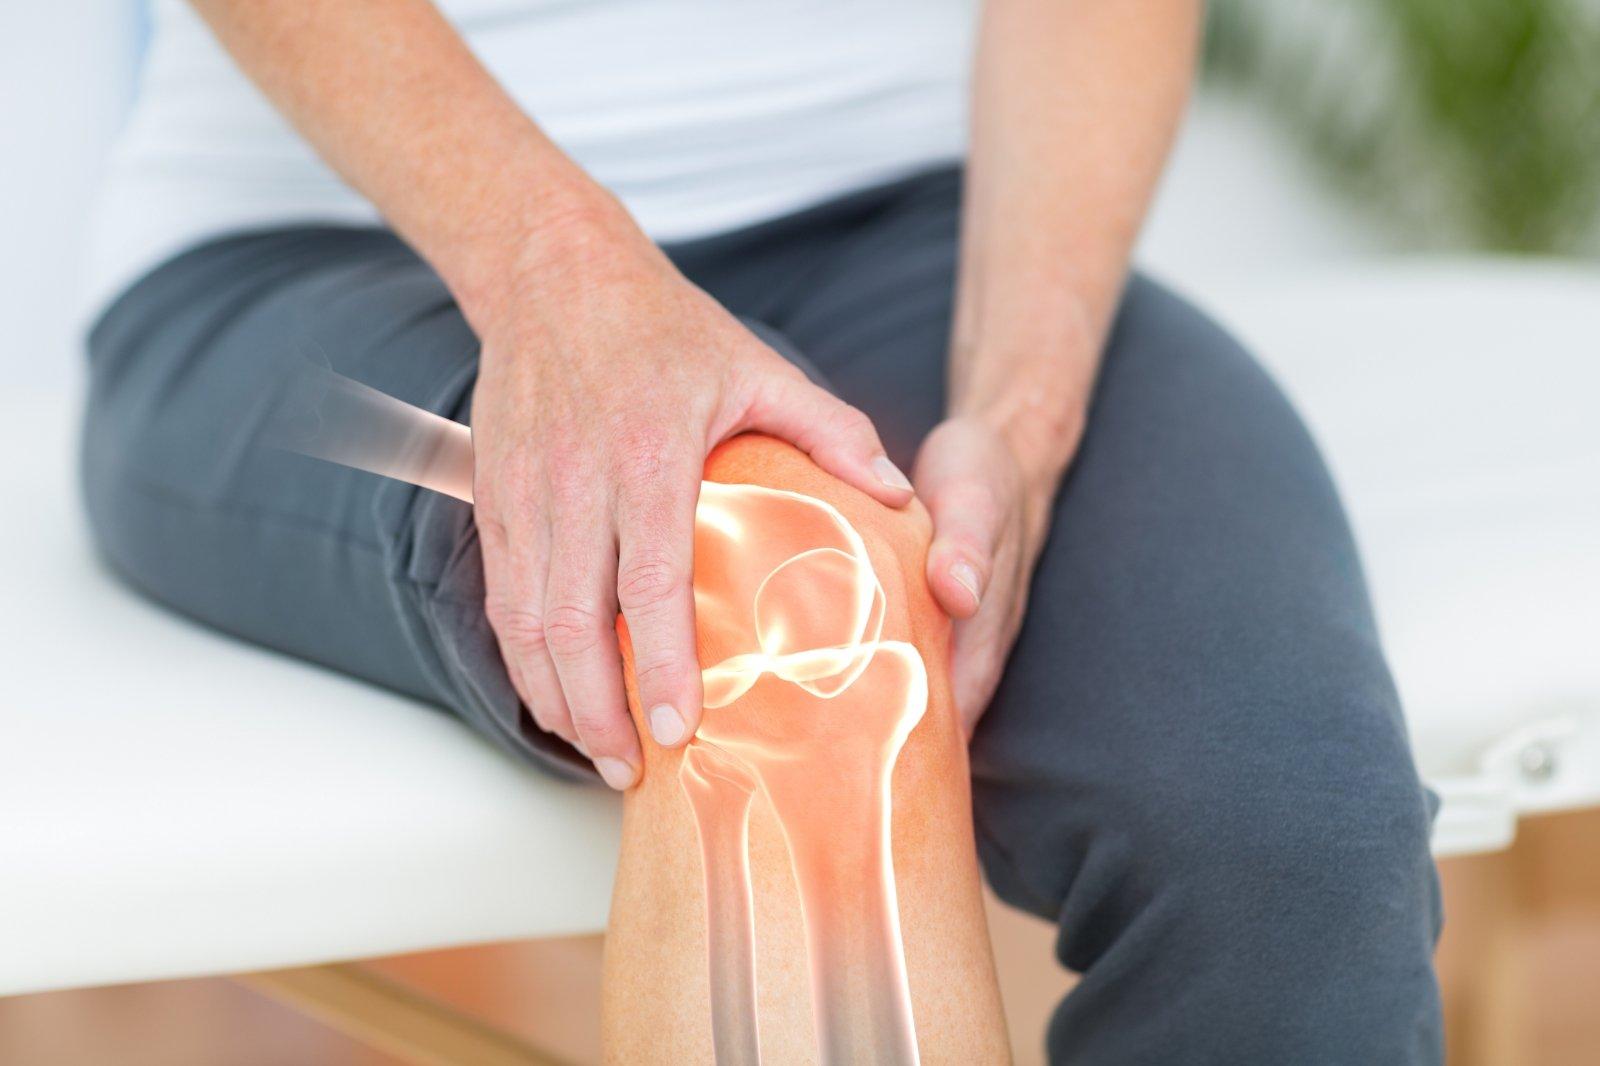 gydymas lobs ir sąnarių skausmas gerklės sąnarių vidutinio pirštai